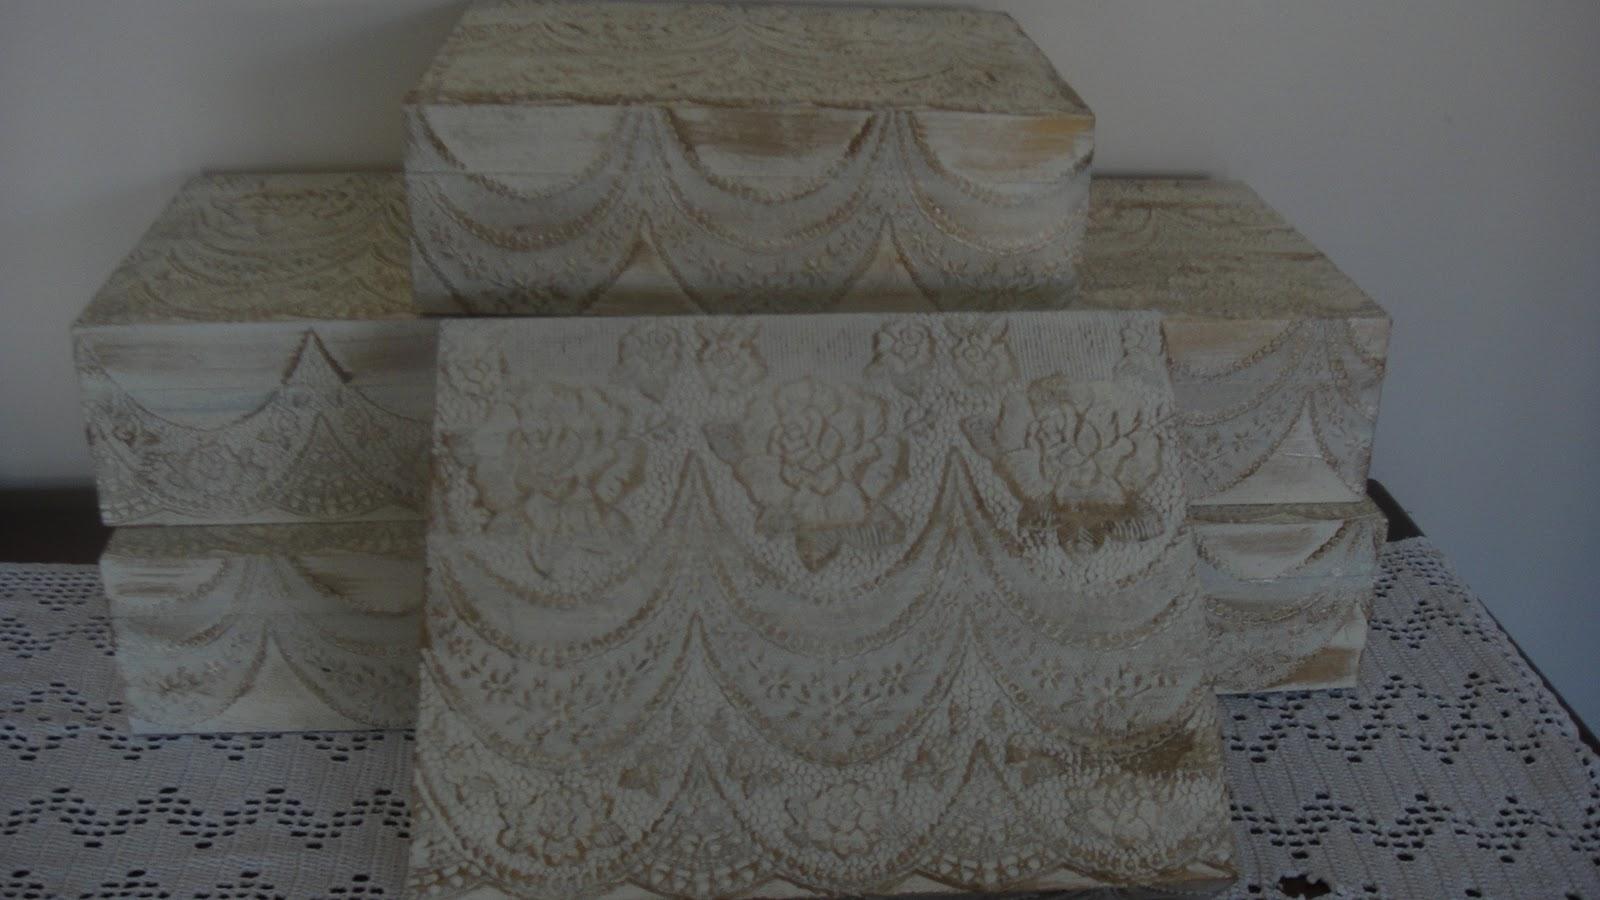 Adesivo De Fogão ~ Artesanatos Goi u00e2nia Mina das Artes Caixas para Lembrança Decoradas em madeira